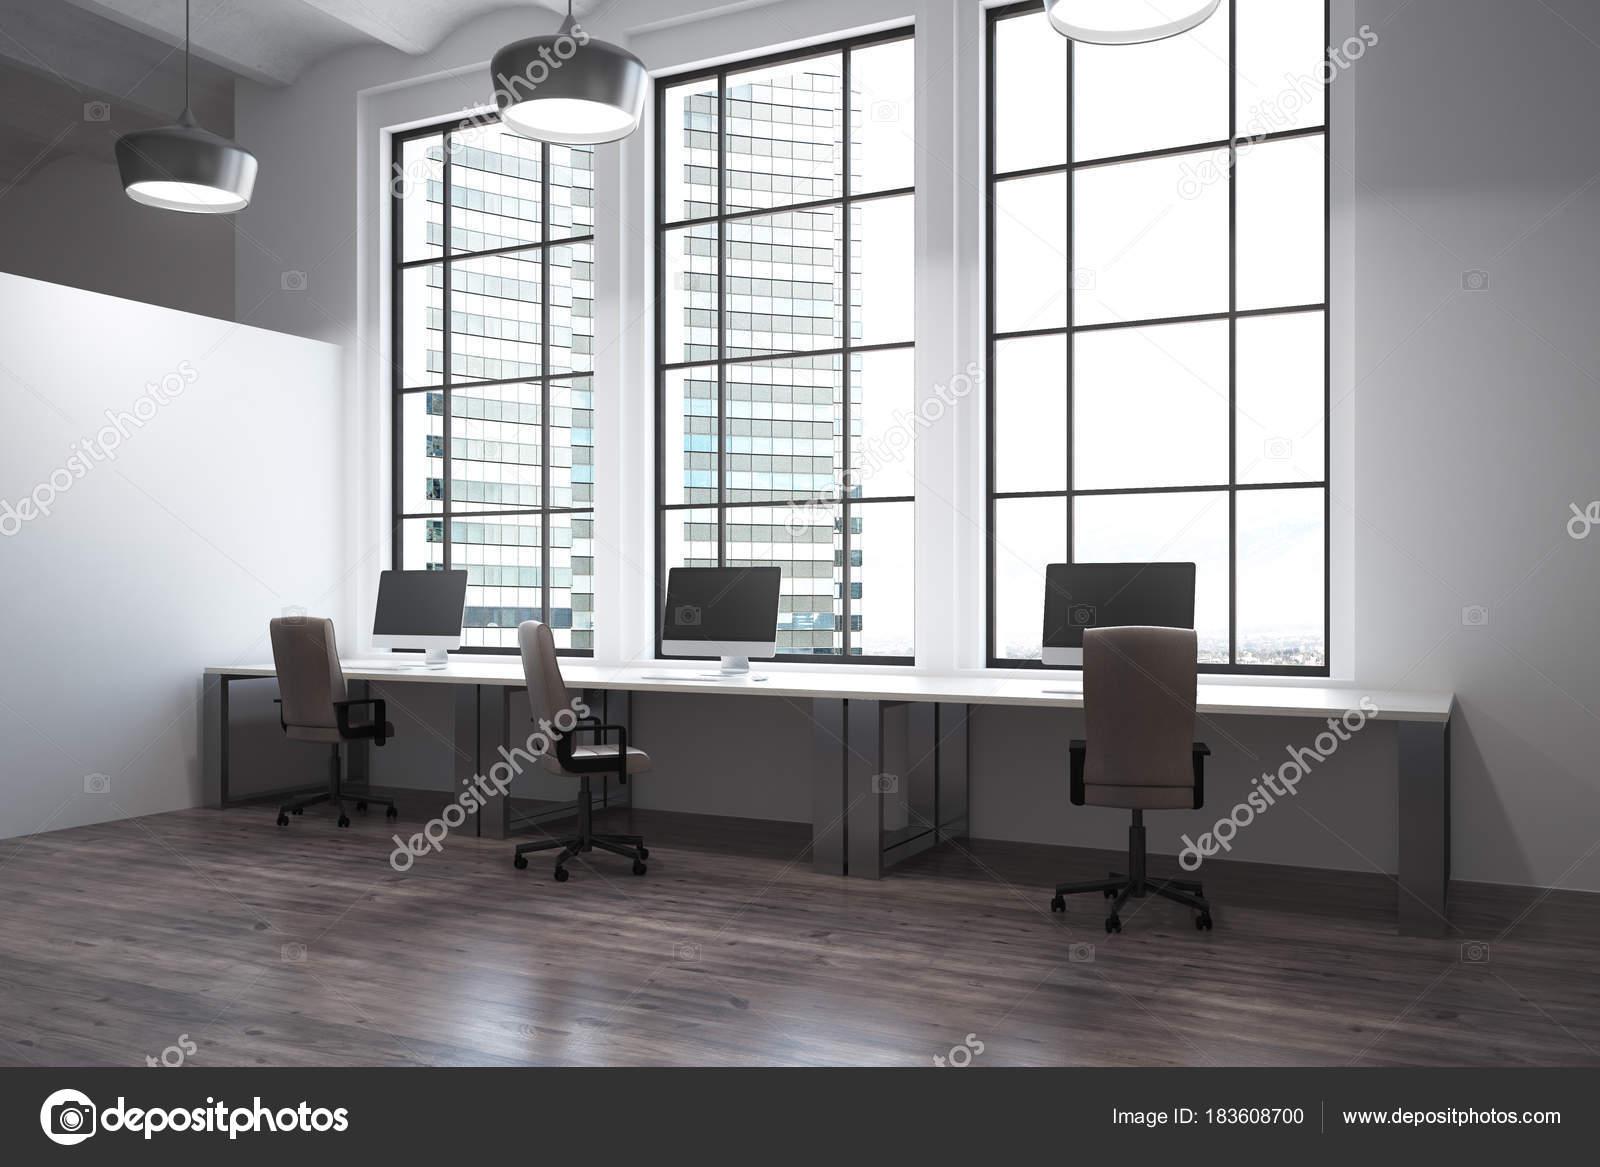 Fantastisch Moderna De Coworking Interior Do Escritório Com Vista Da Cidade E A Luz Do  Dia. Renderização 3D U2014 Foto De Peshkova